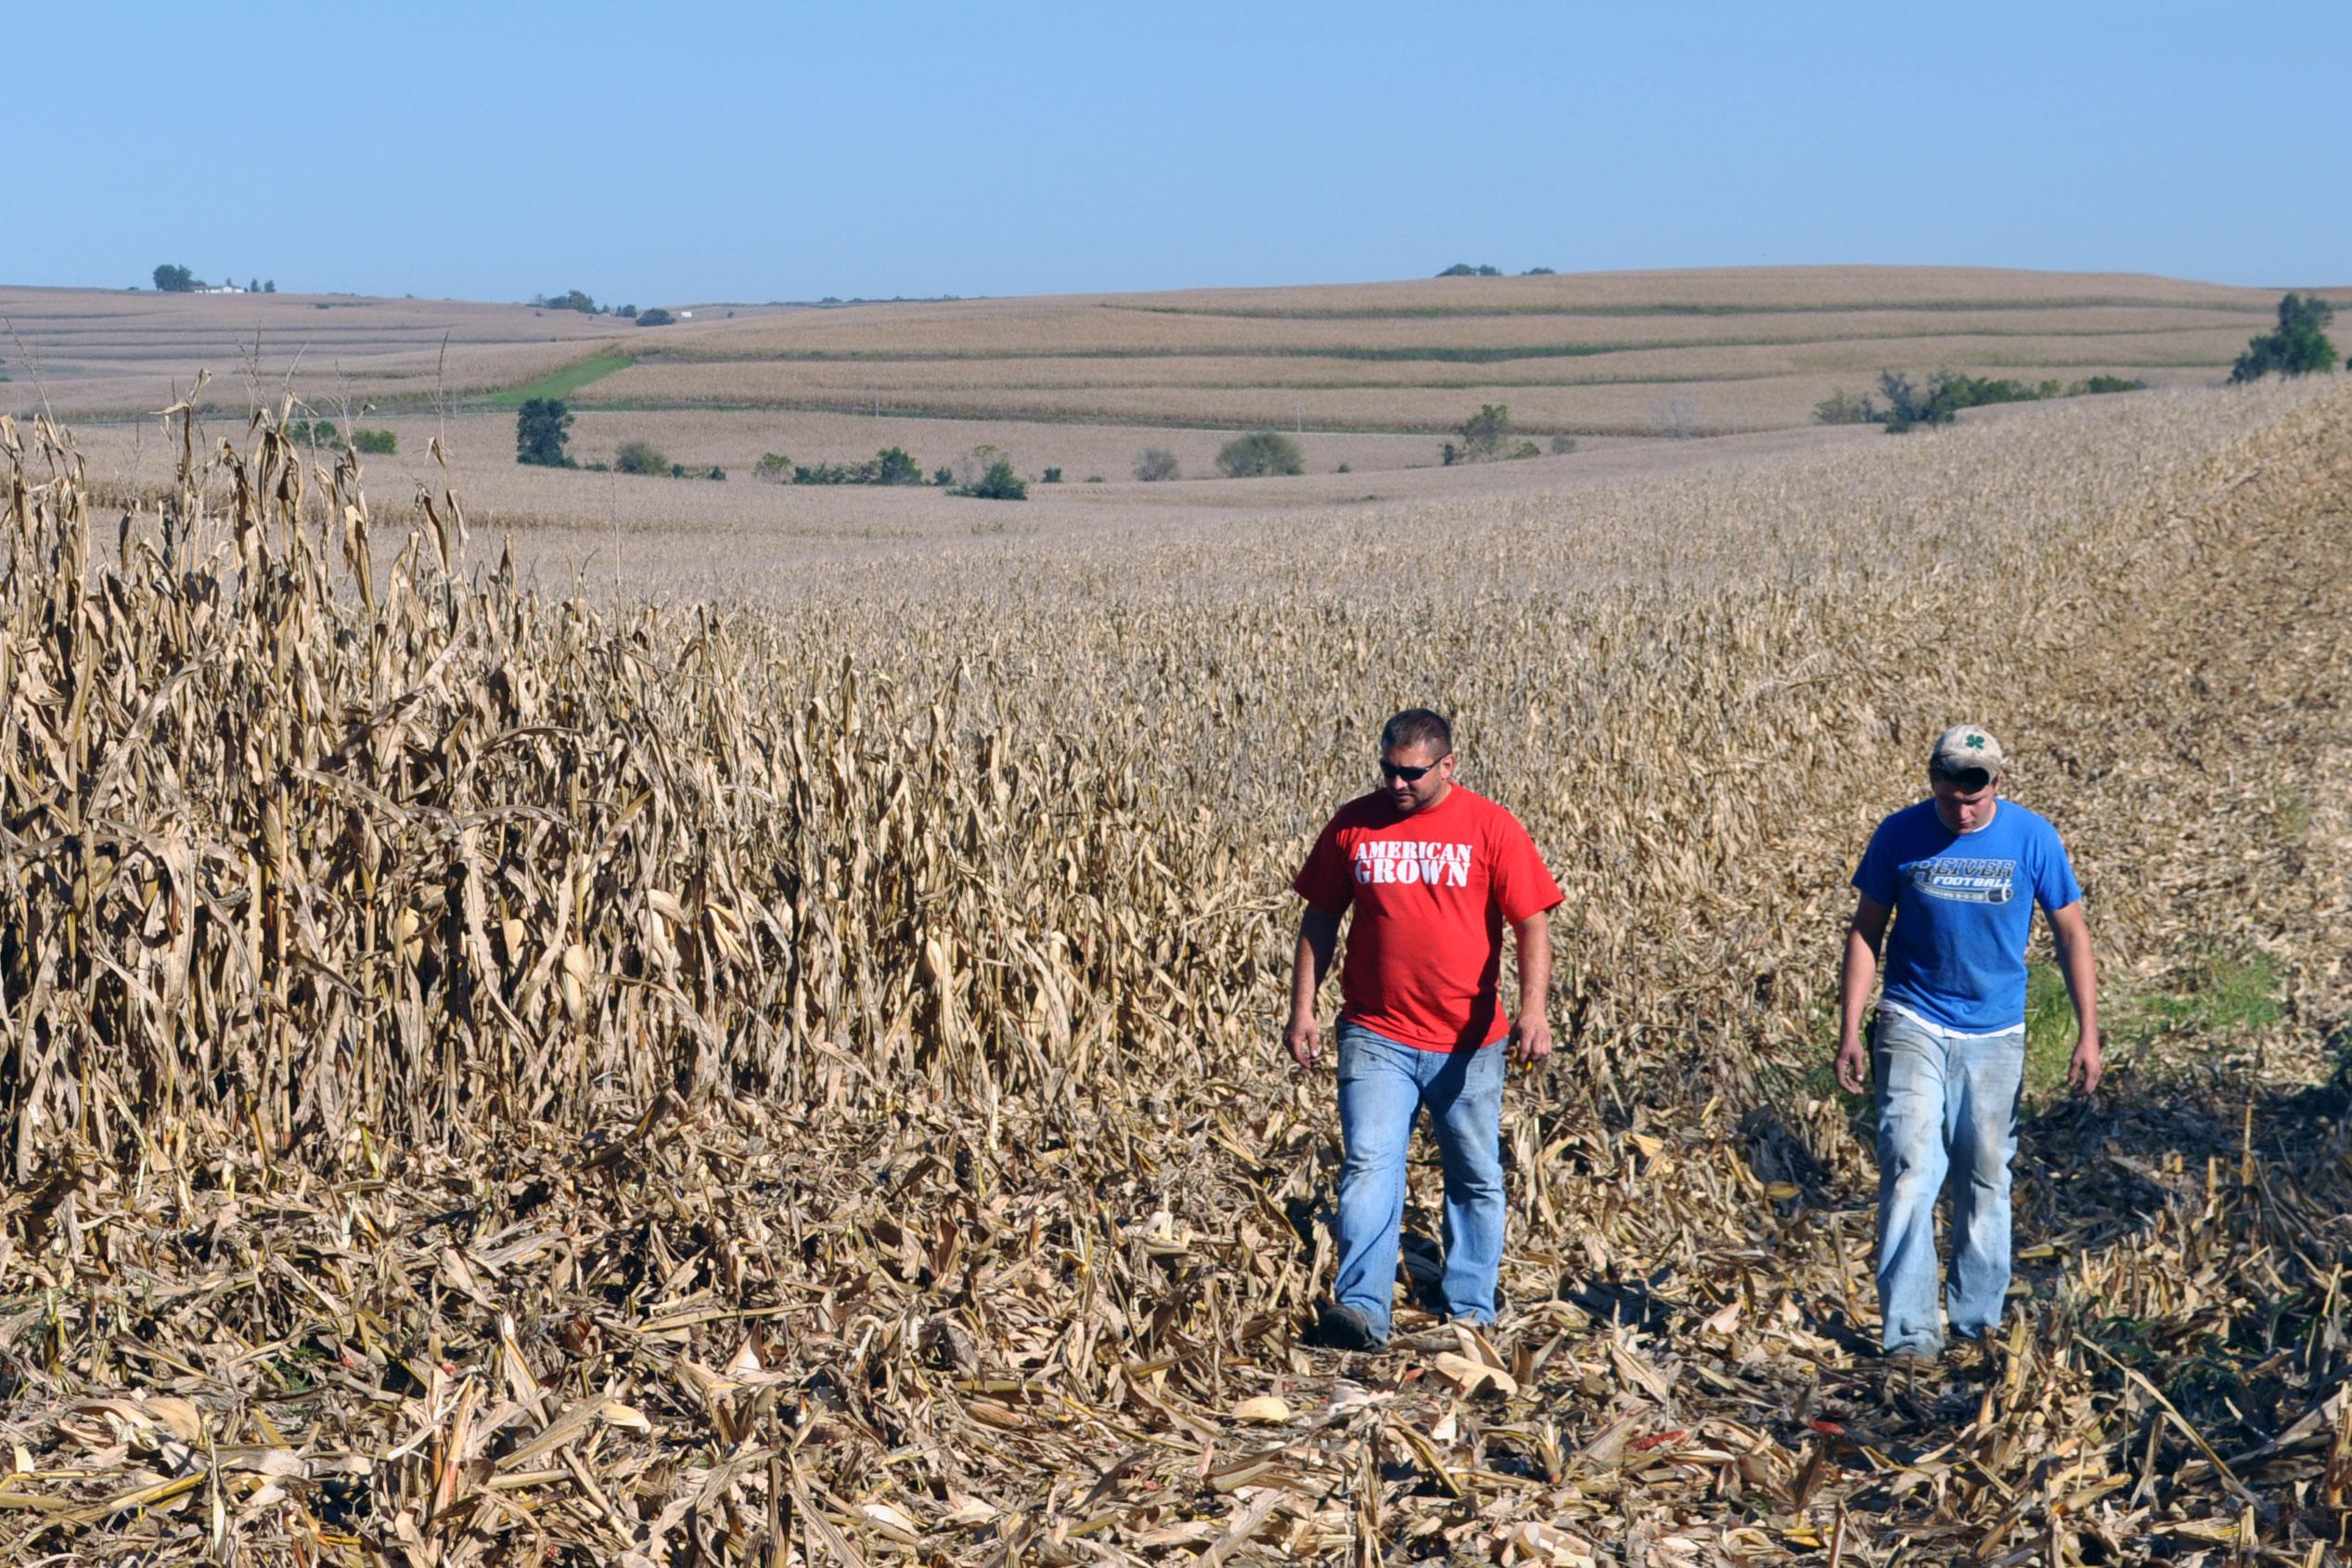 farmers walking in corn field